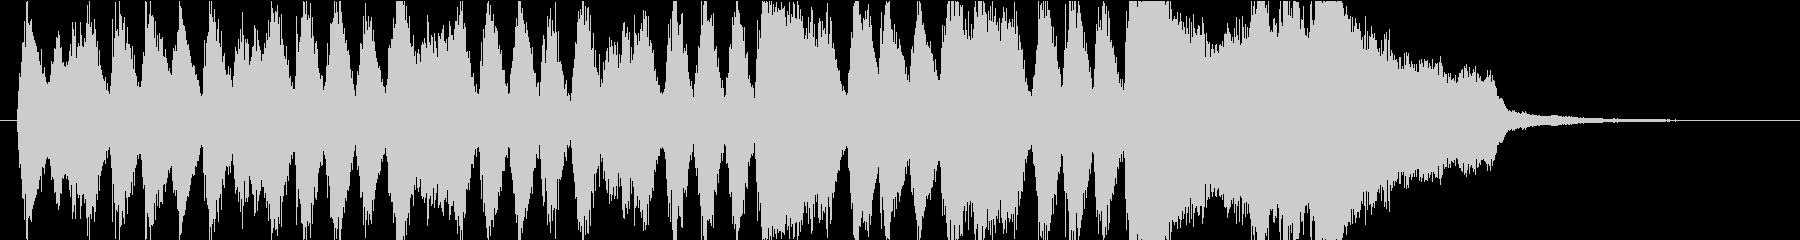 オーケストラのファンファーレ。ゲーム等にの未再生の波形